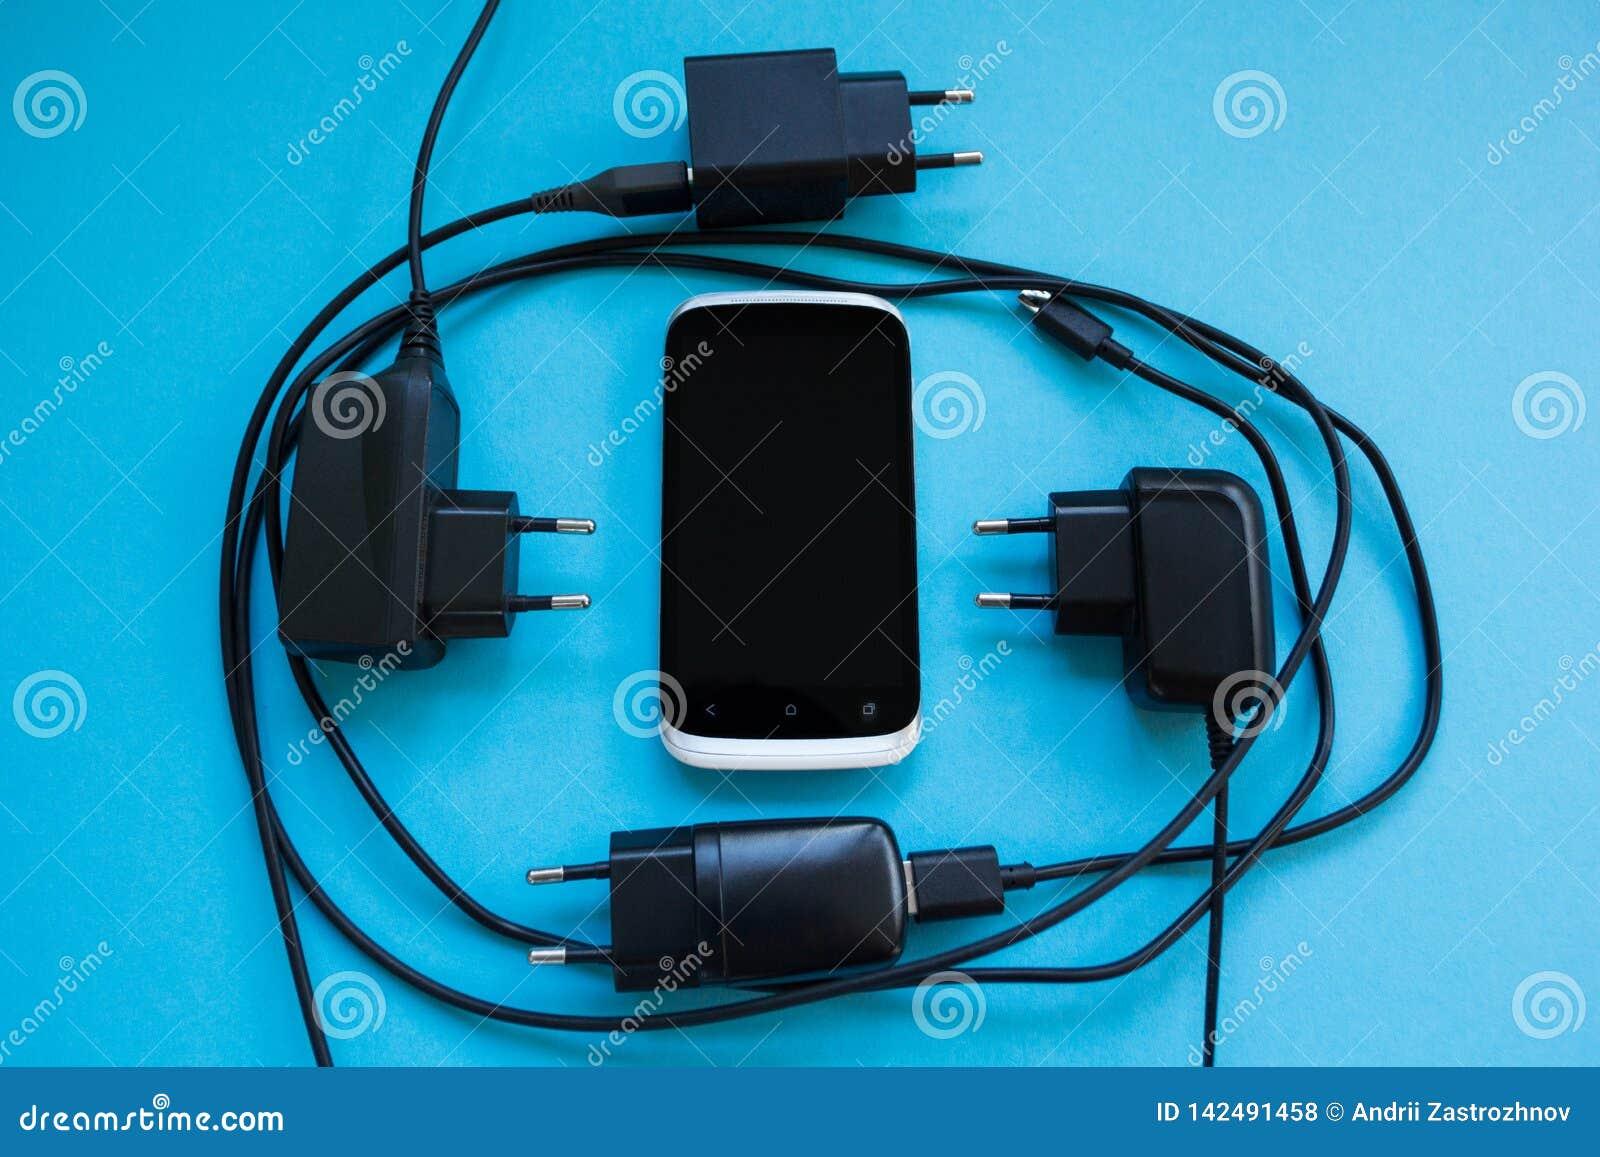 Het draadloze laden voor smartphone op een blauwe achtergrond, concept